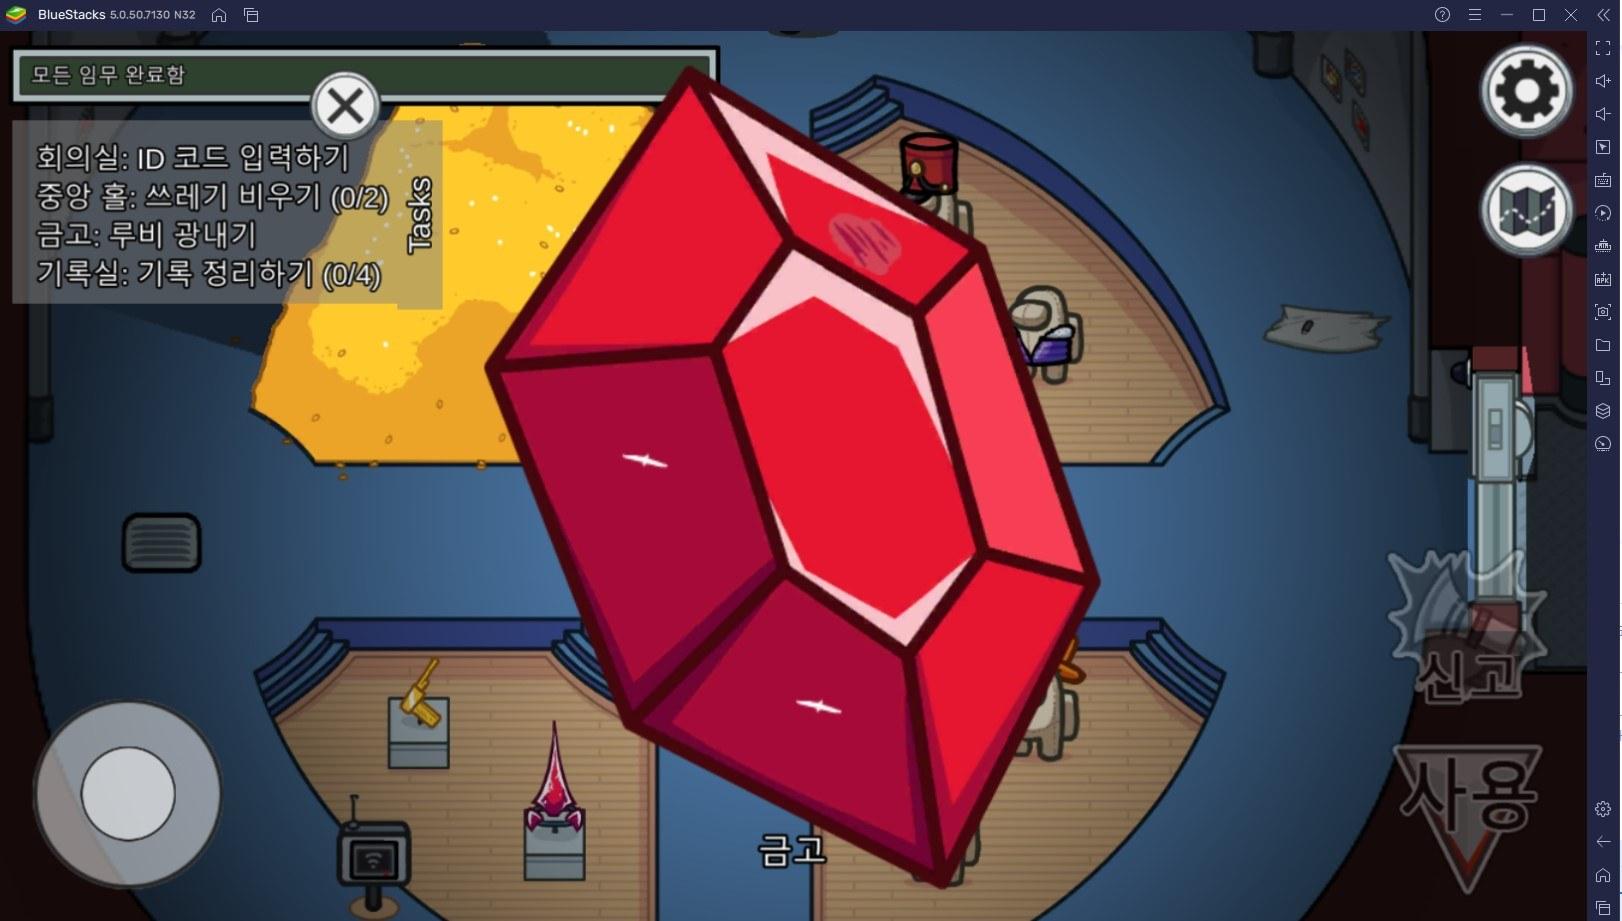 어몽어스, 블루스택 앱플레이어와 함께라면 PC에서 더 재미있게 즐길 수 있습니다!